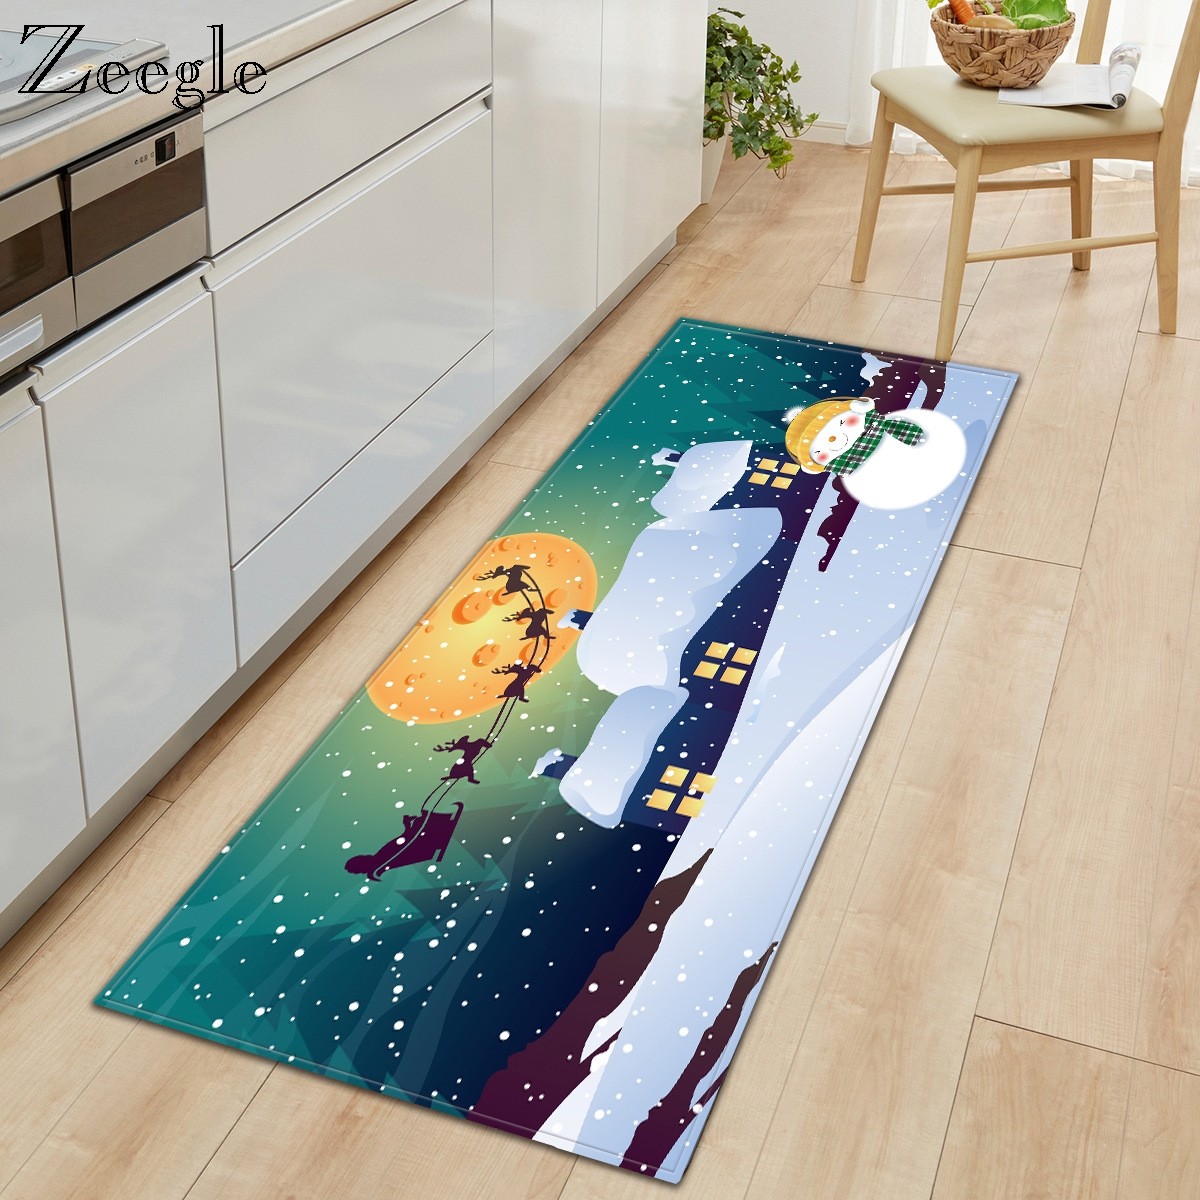 Zeegle Christmas Carpet Anti-slip Kitchen Rug Bathroom Doormat Shower Mat Hallway Carpet Absorbent Living Room Floor Rug Carpet